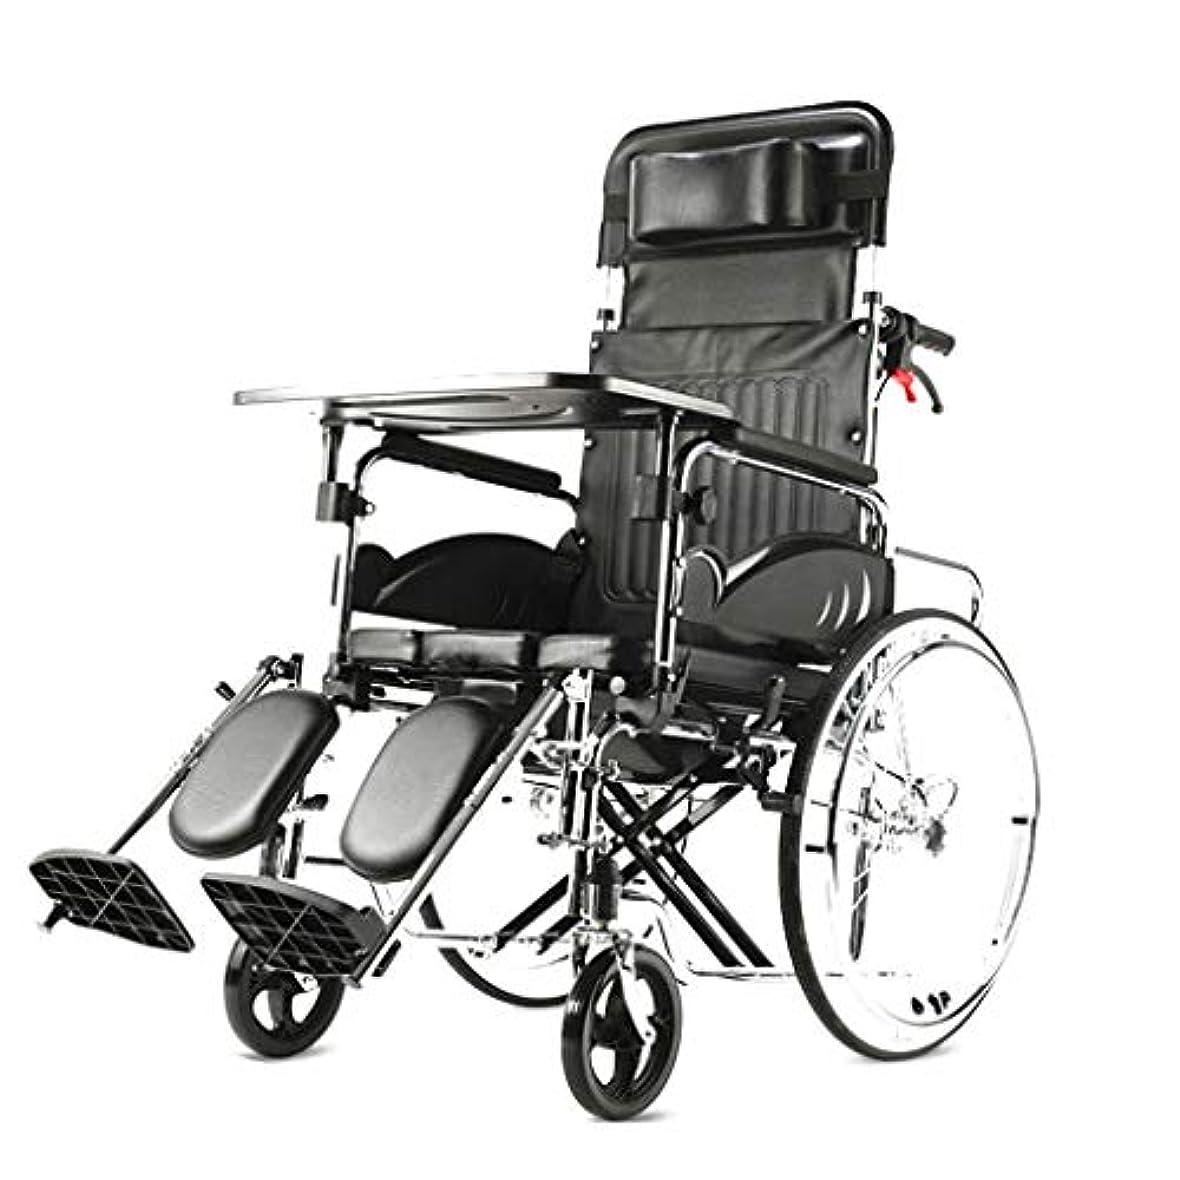 ファイル旋律的びっくりする車椅子折りたたみ式、4つのブレーキデザイン、アルミニウム合金、高齢者障害者用車椅子ワゴン